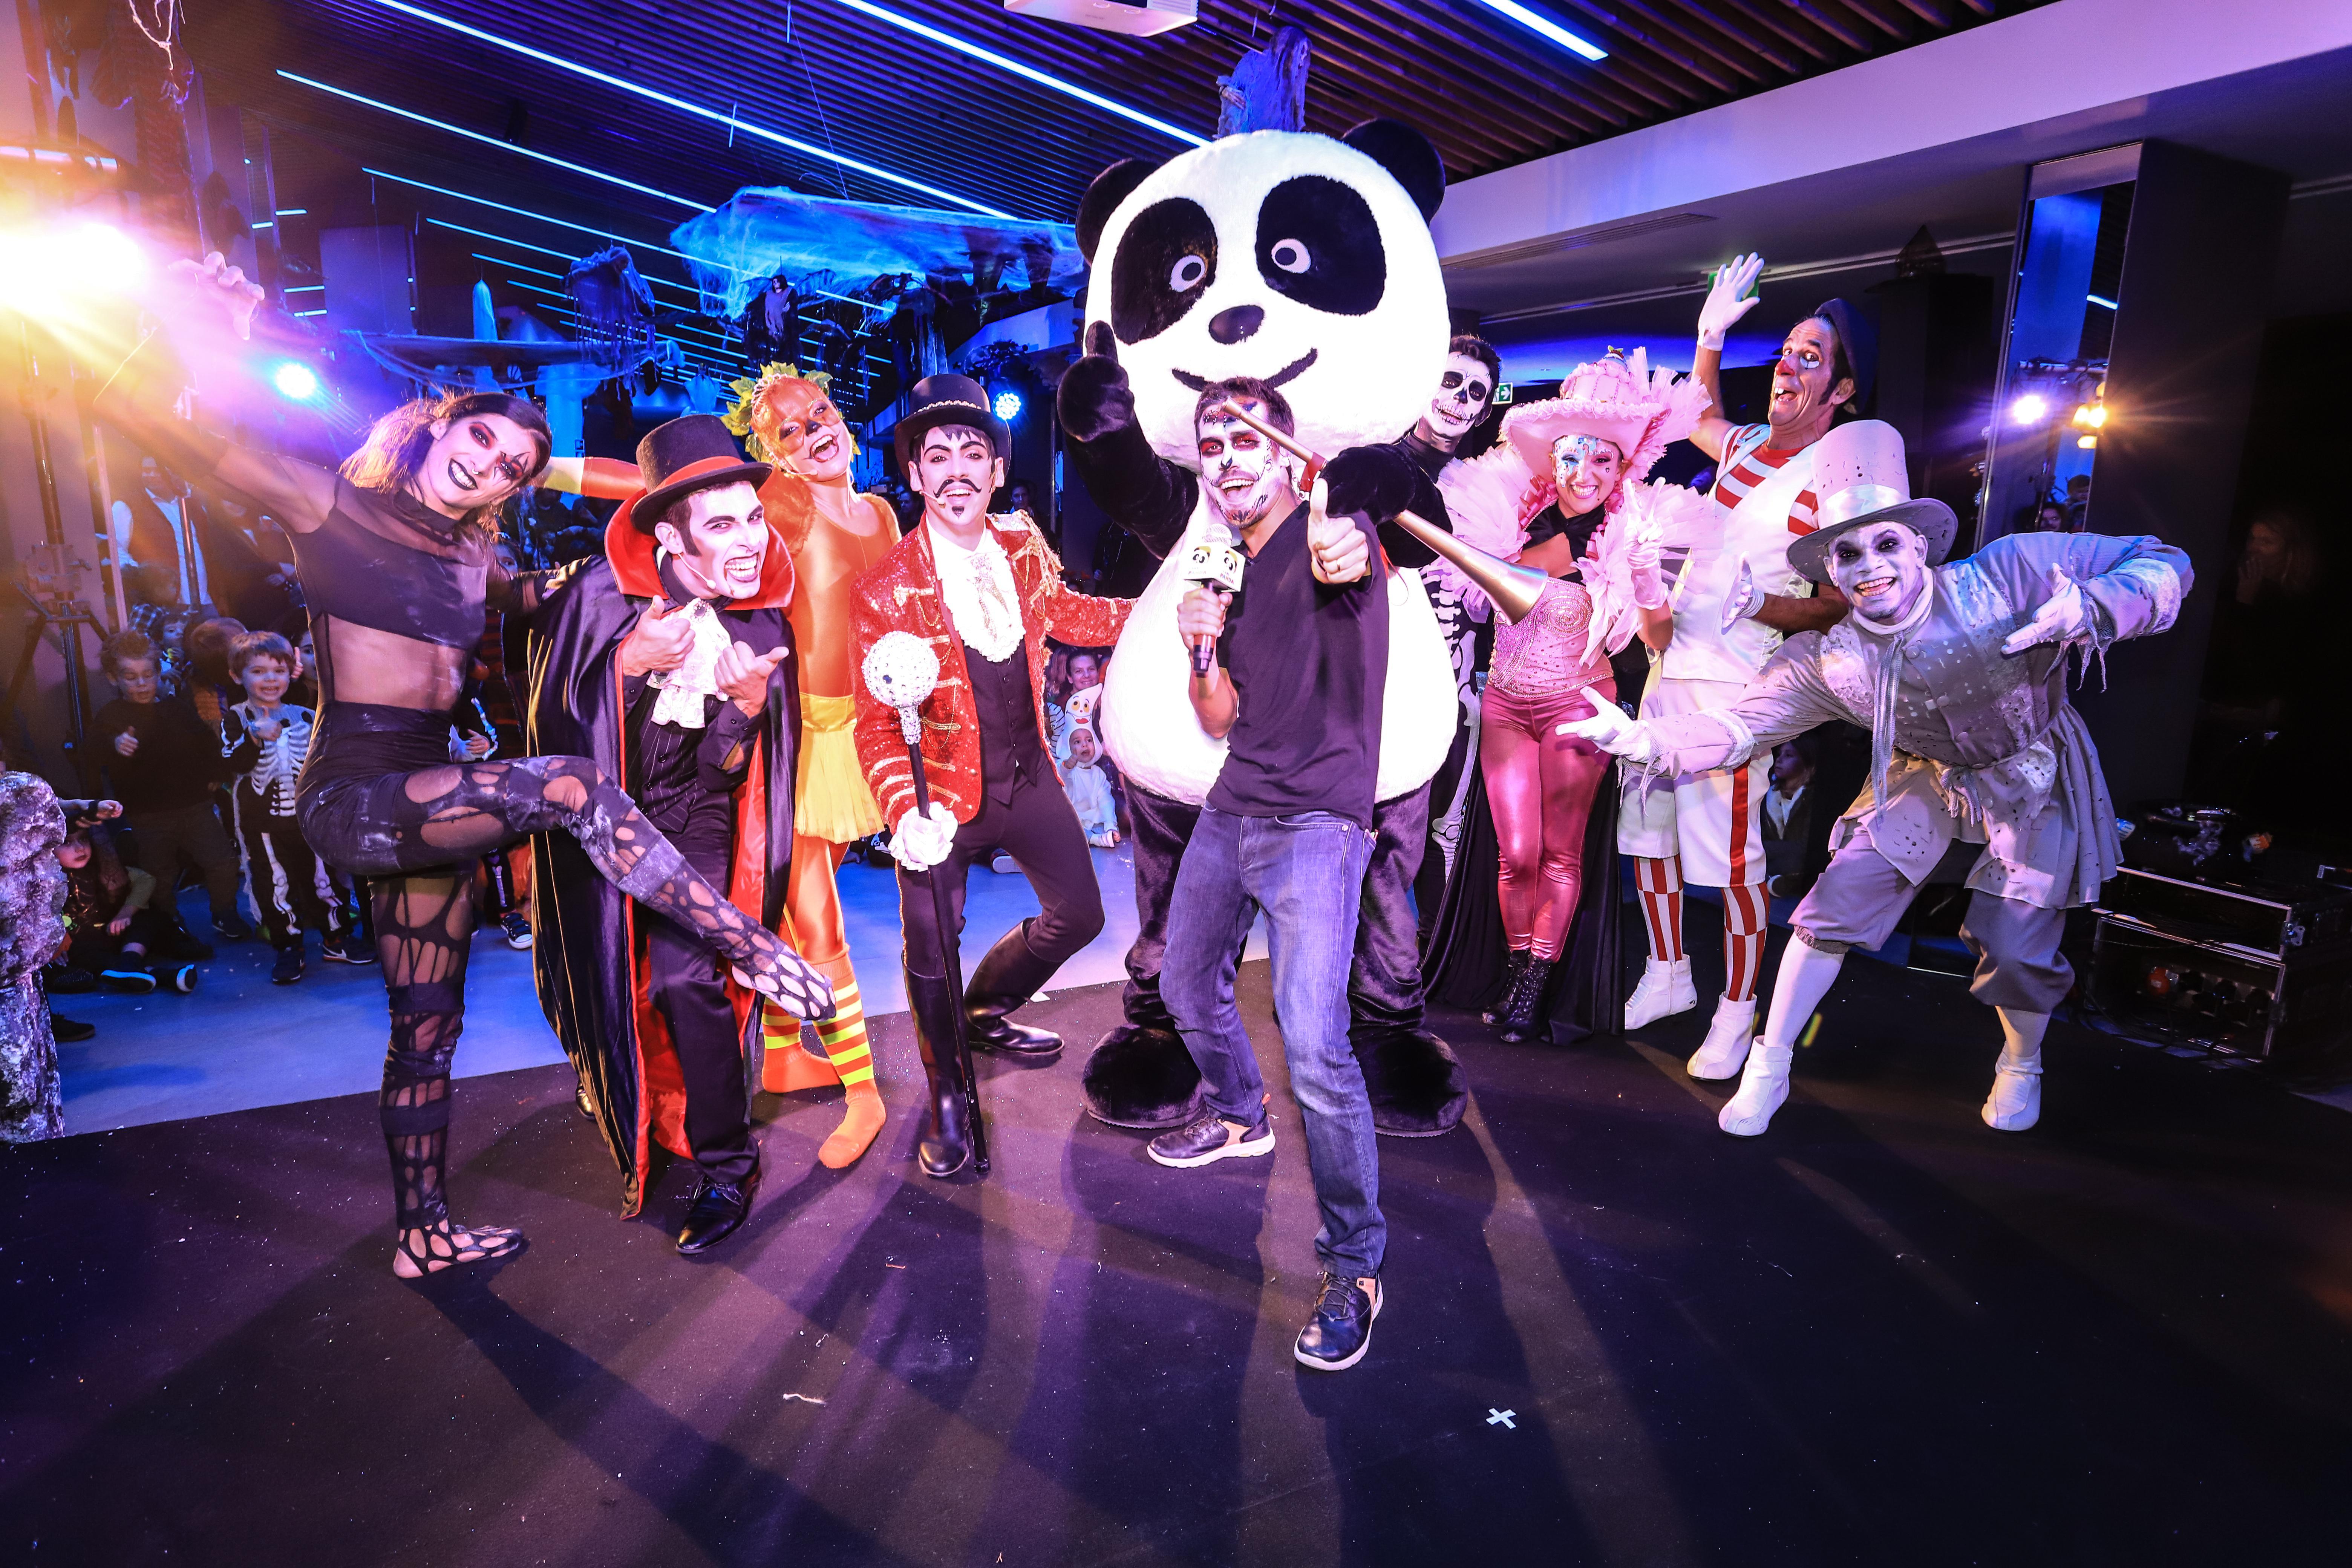 13º Edição do Halloween do Panda